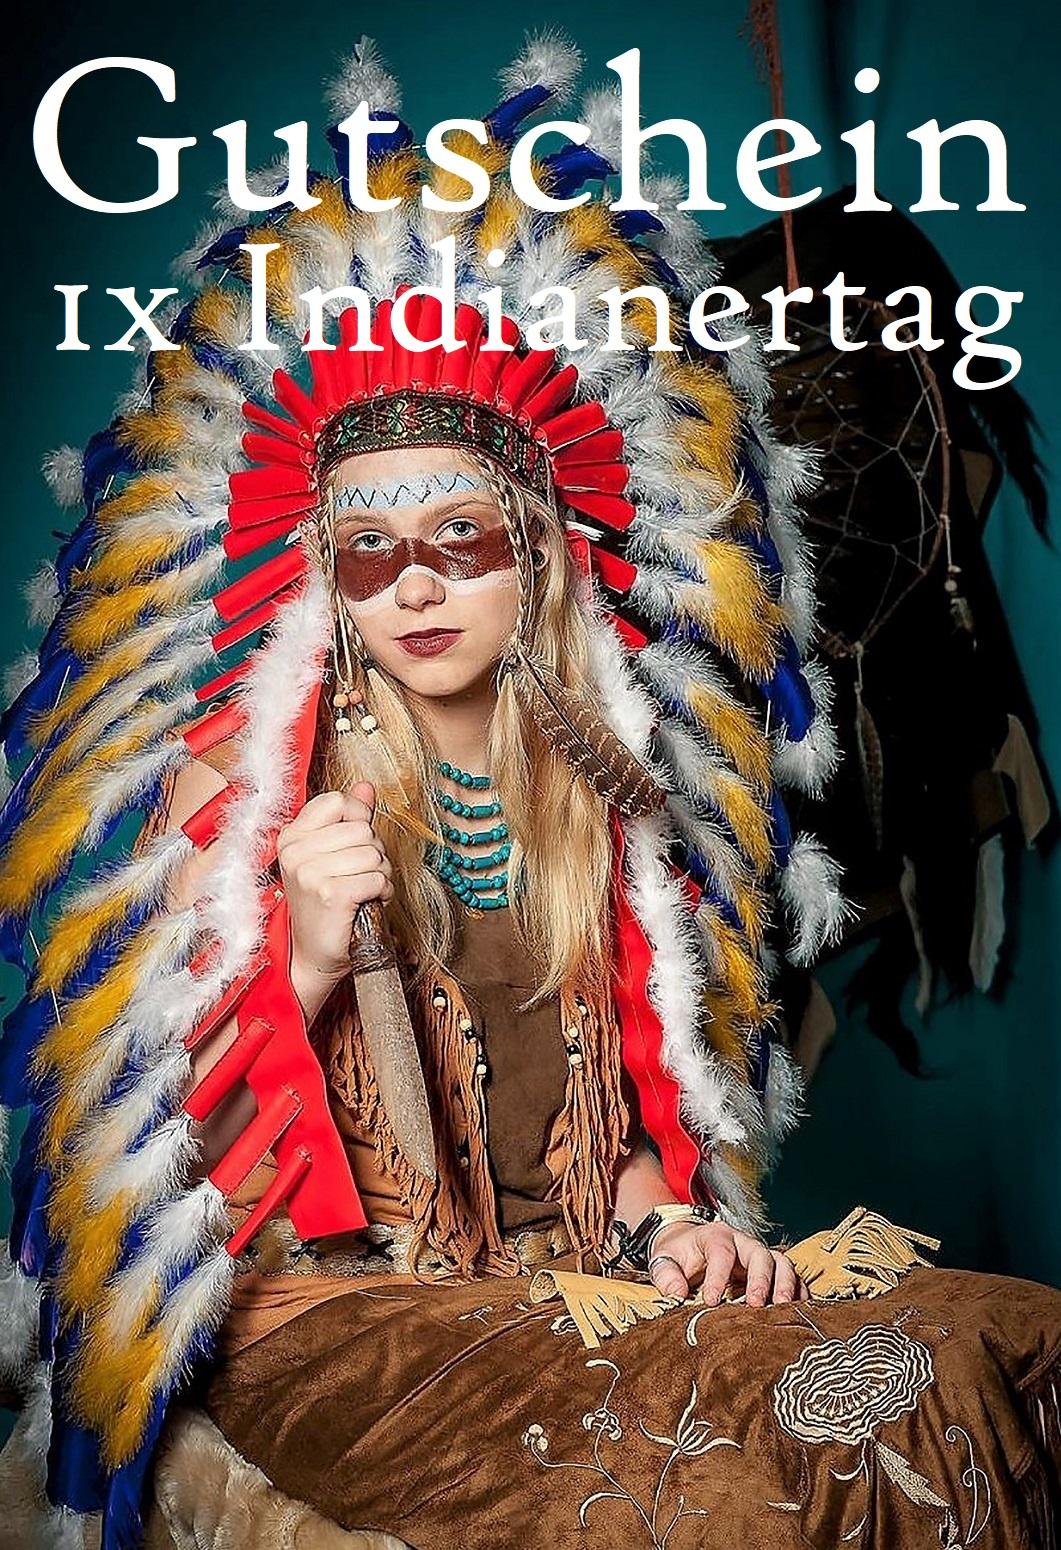 Gutscheinvorlage für Indianertage